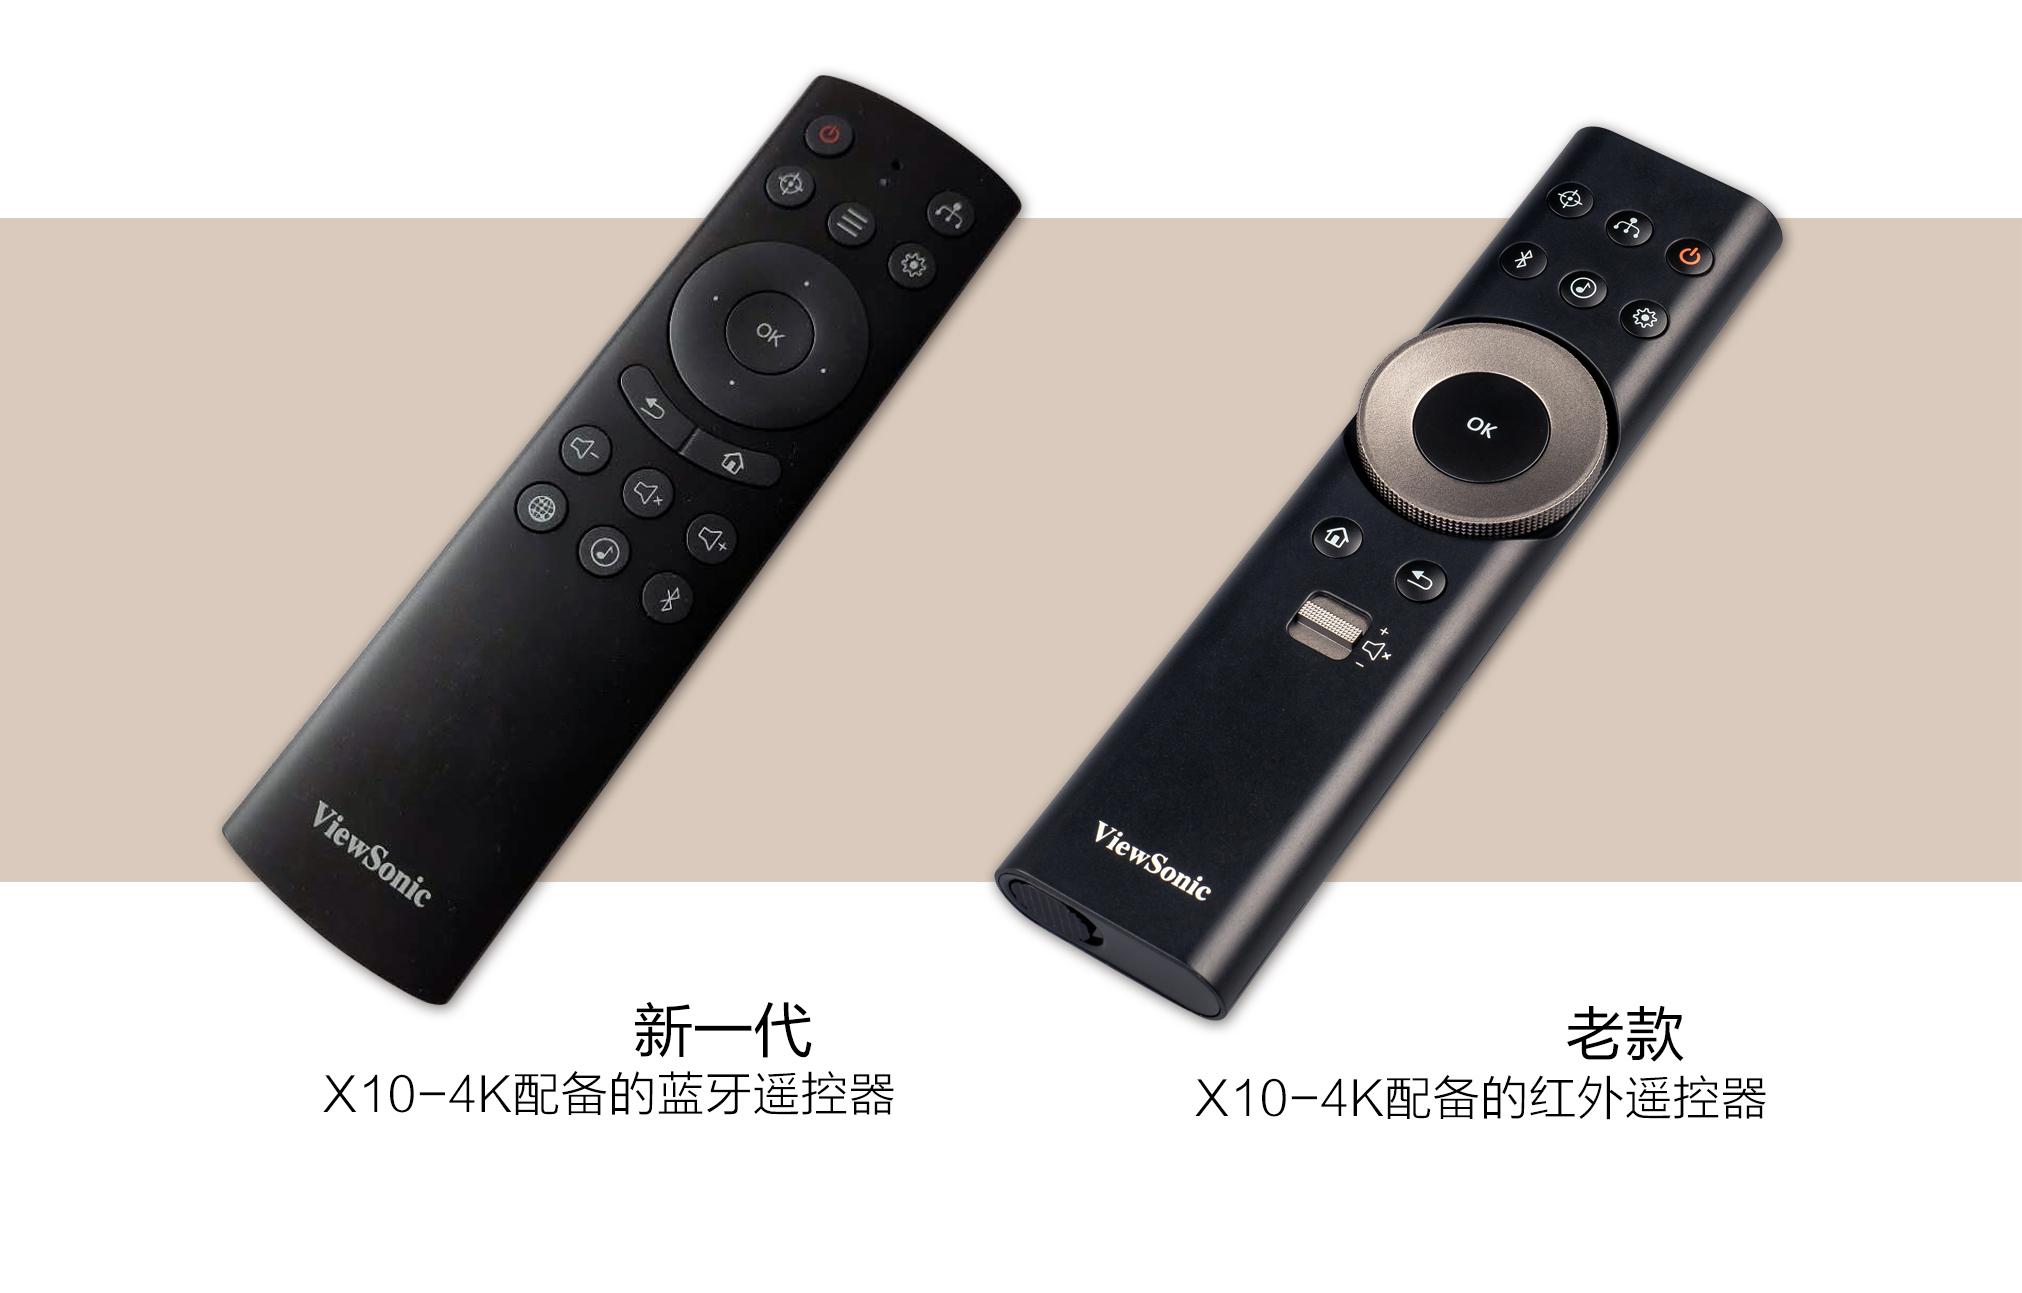 升级不仅仅是亮度和蓝牙遥控,更是新一代X10-4K家用投影仪的体验